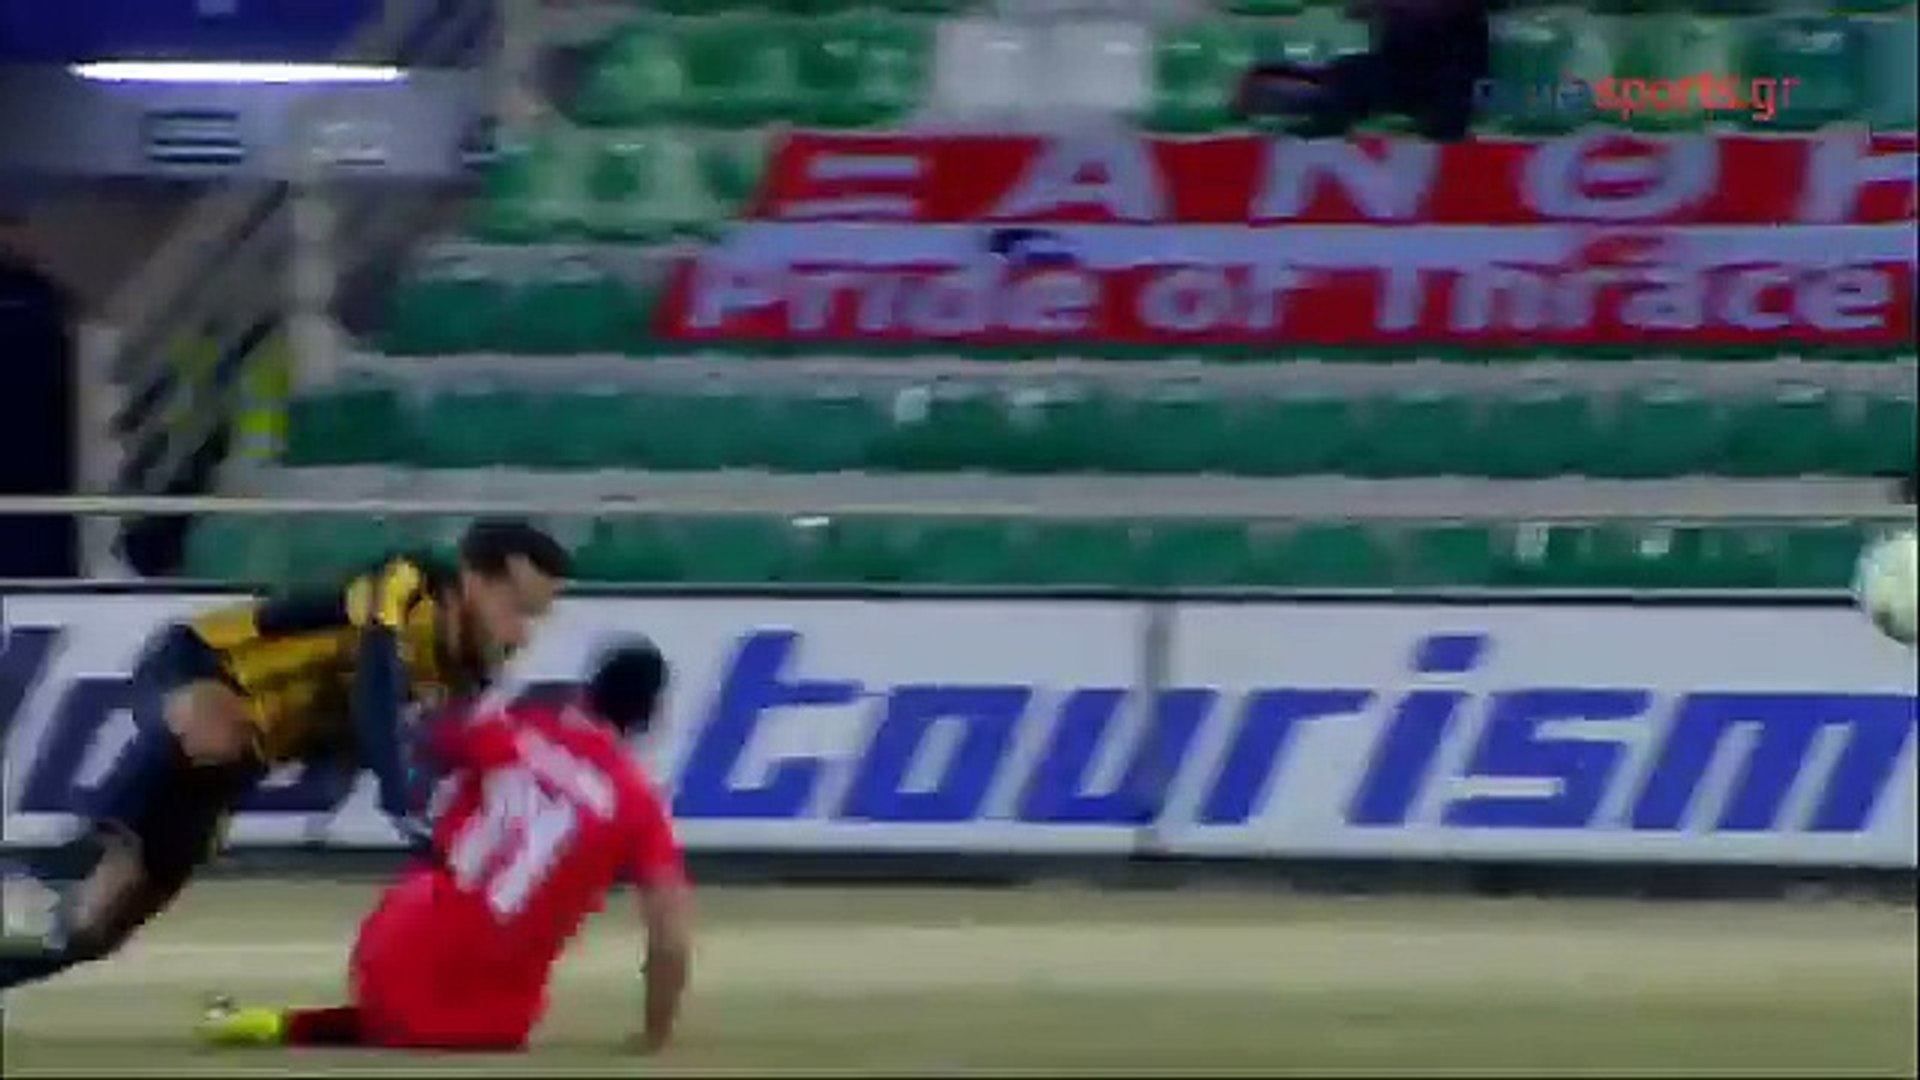 Superliga de Grecia 2016/17: J18 - Skoda Xanthi 0 - 0 AEK - (28.01.2017)